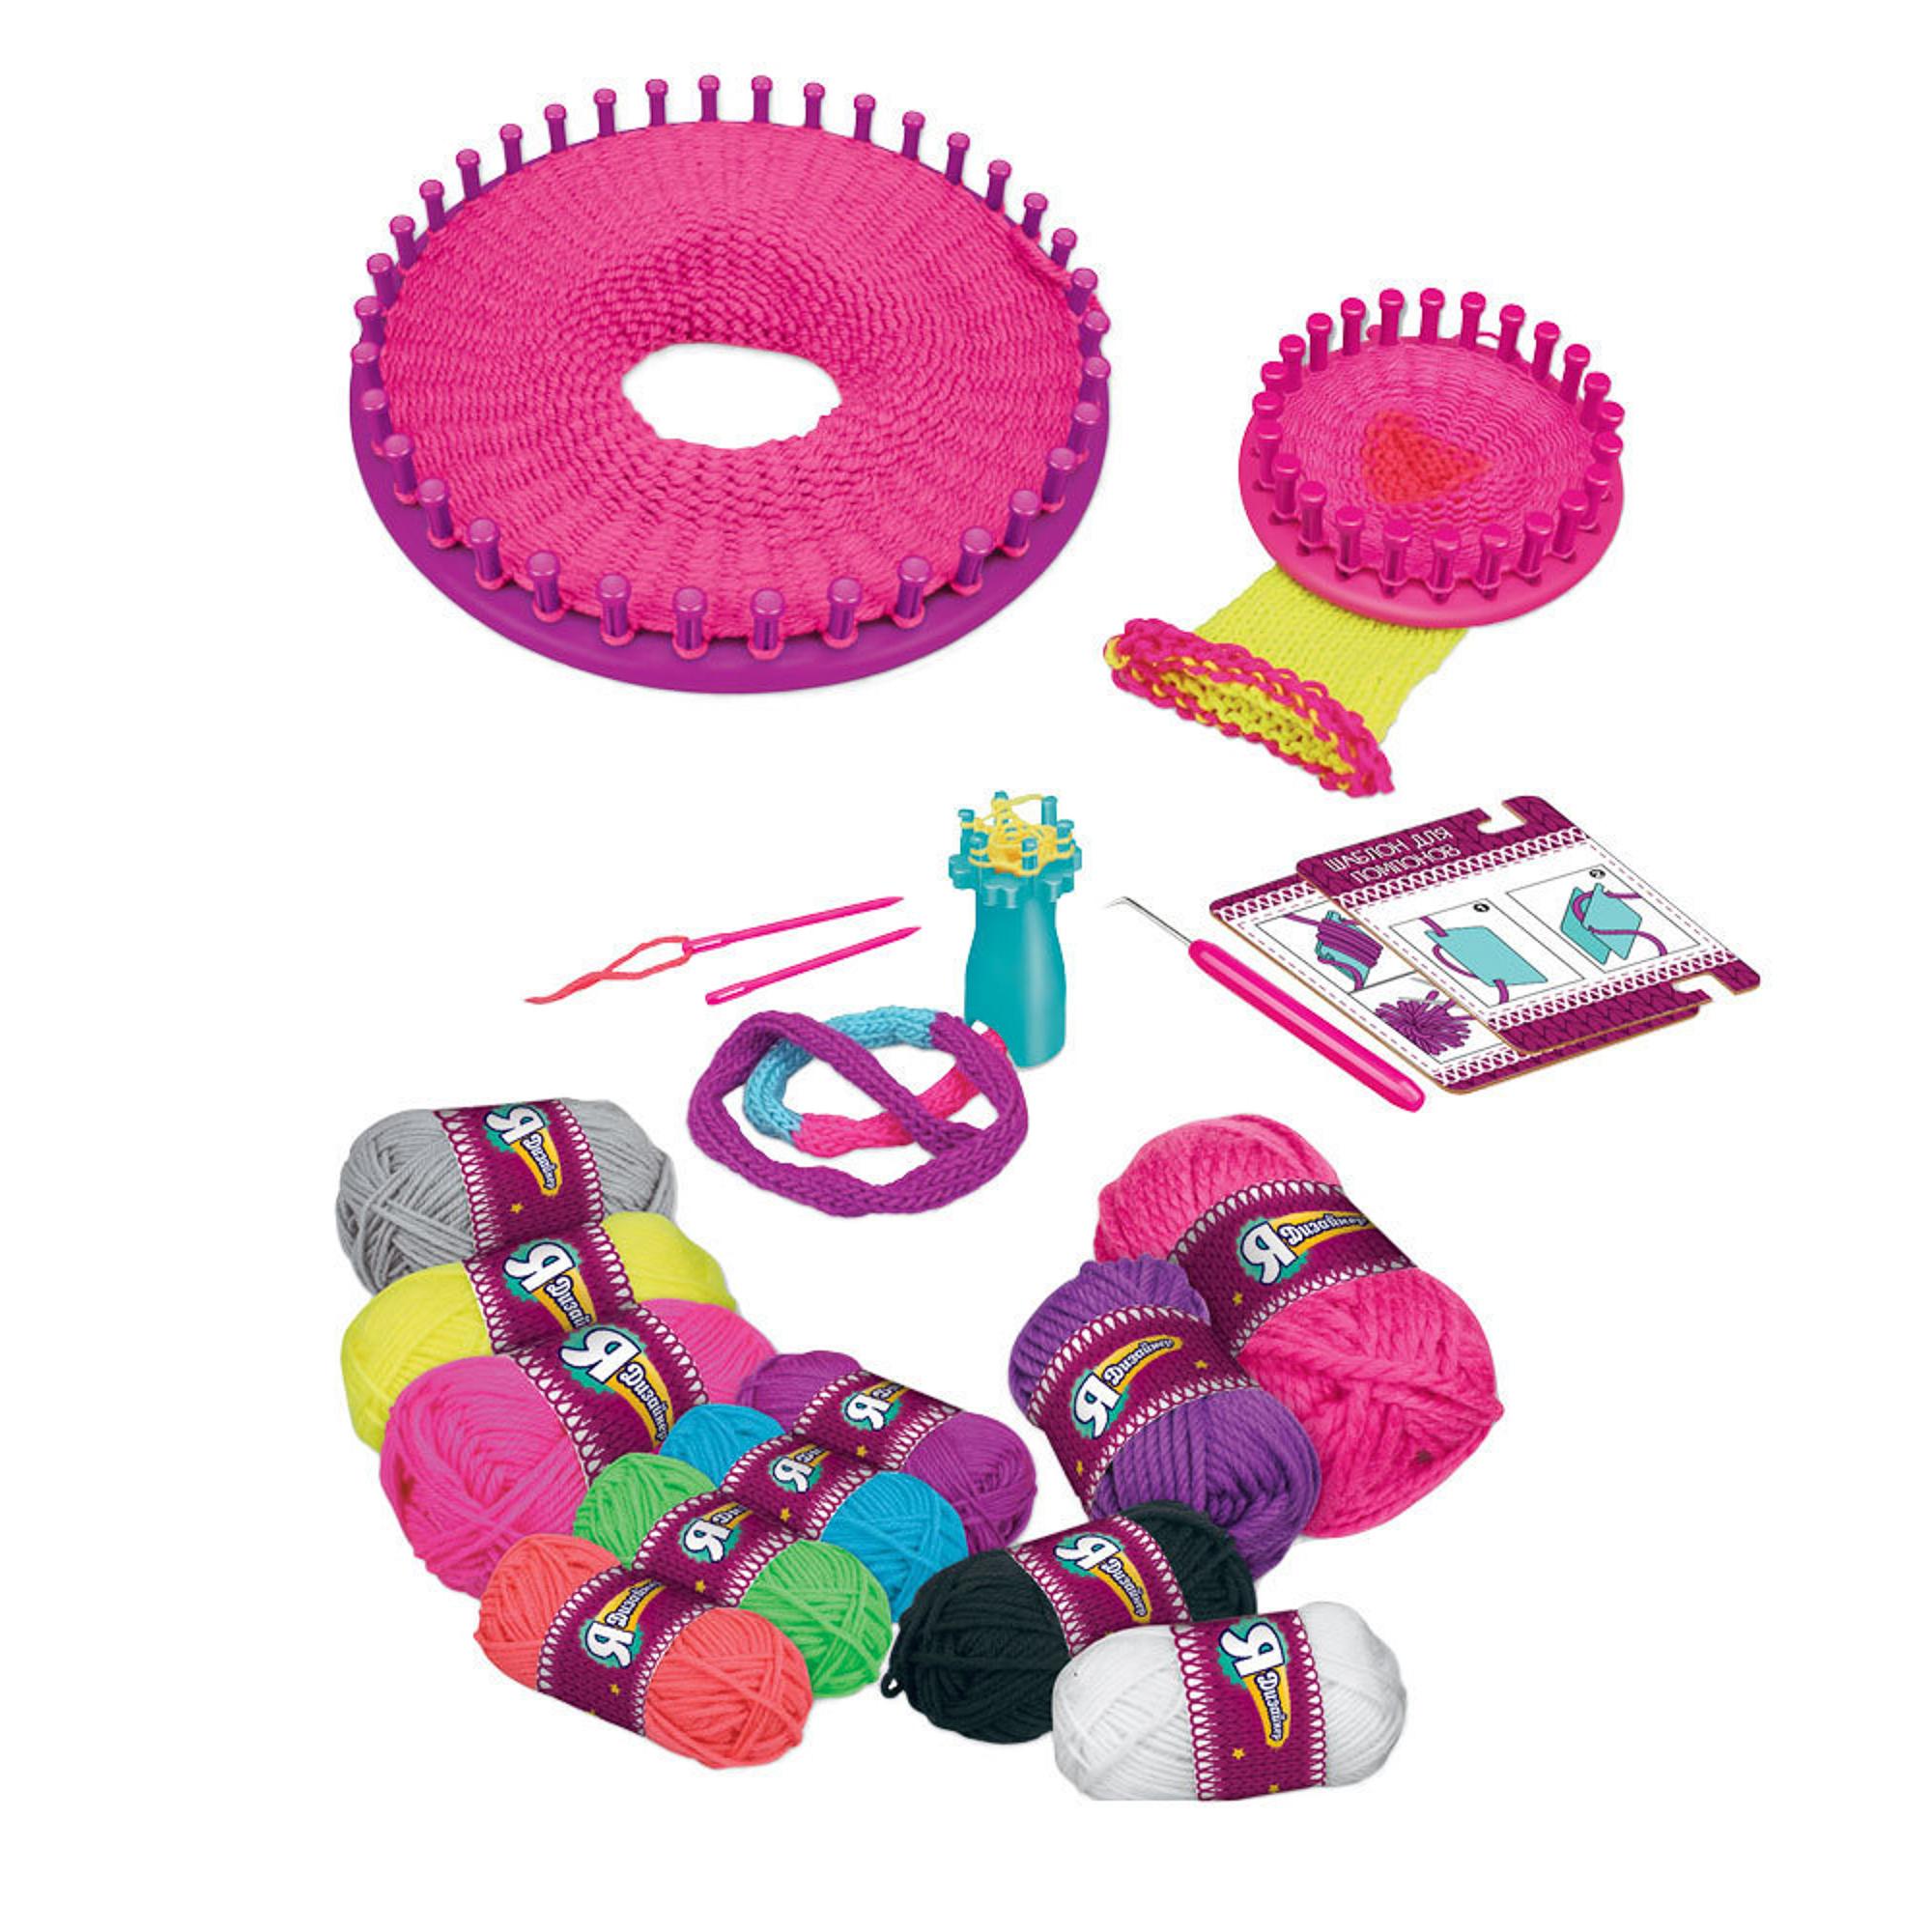 Купить Набор Abtoys Я дизайнер для вязания 6 в 1, Китай, текстиль, пластик, для девочек, Наборы игровые